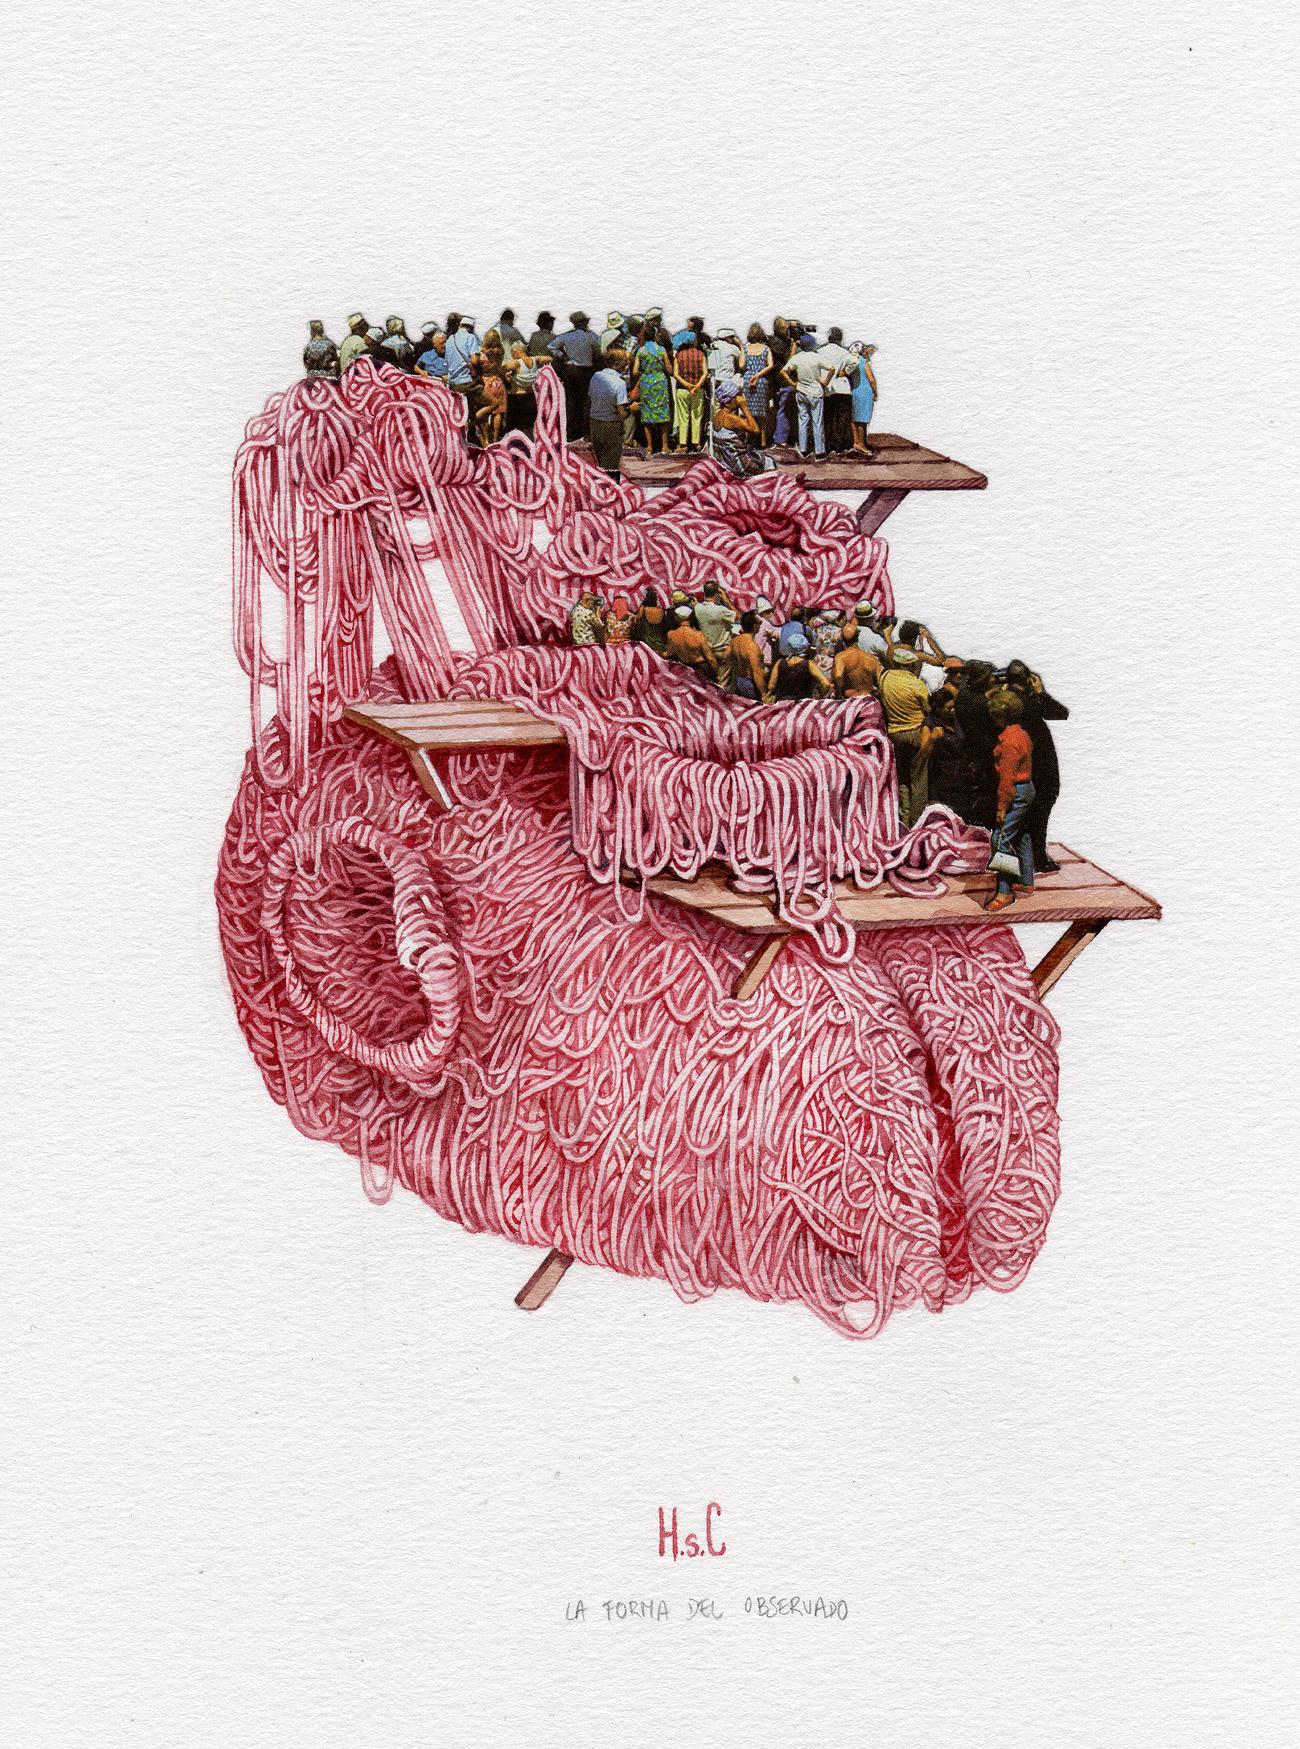 Collage - Acuarela. Personas en plataformas sobre un celebro formado por gordones rosa